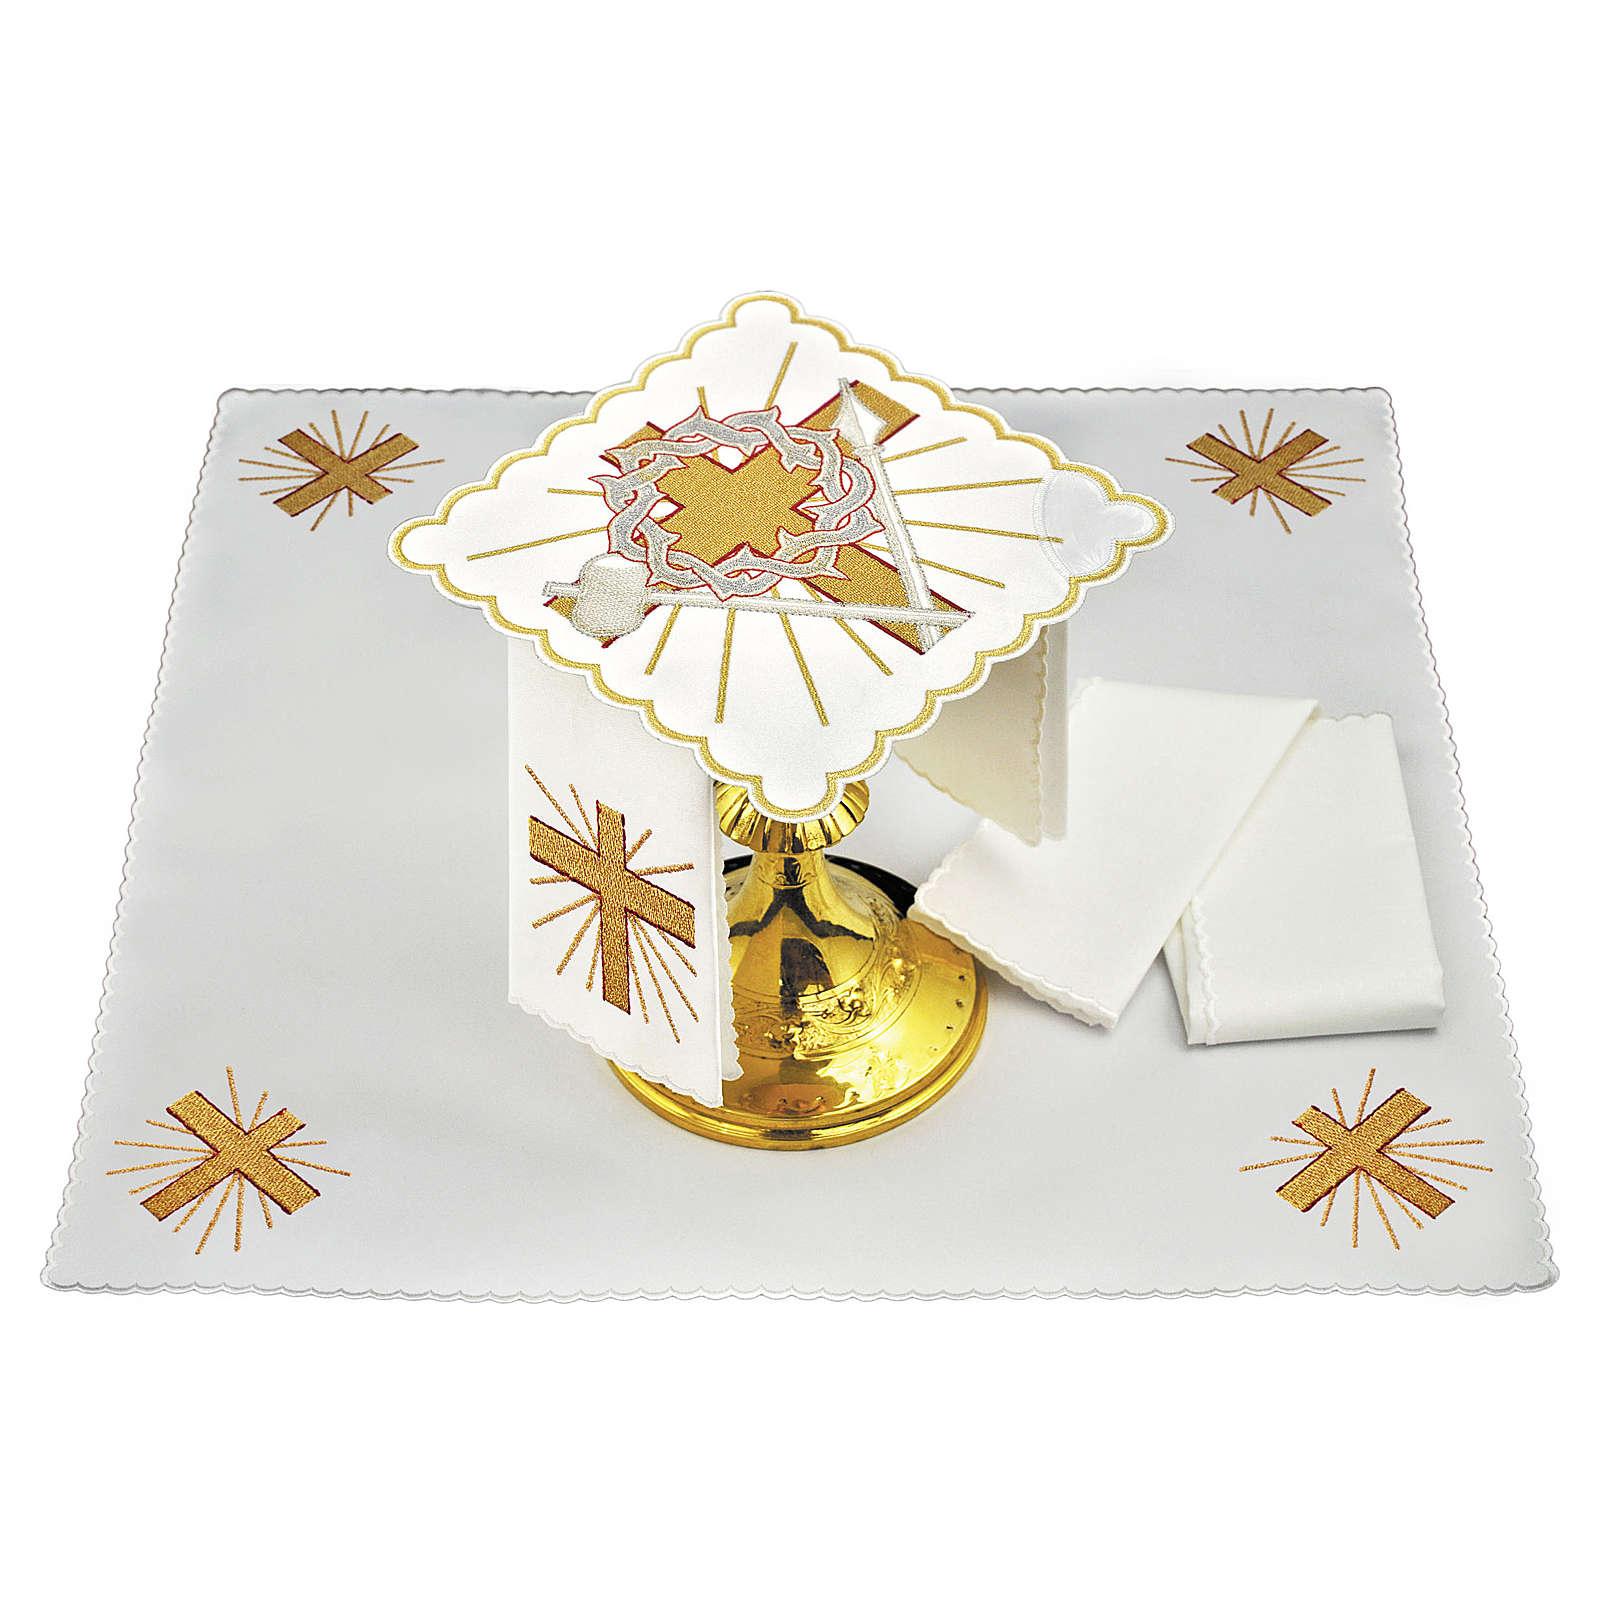 Servizio da altare cotone croce lancia corona di spine 4